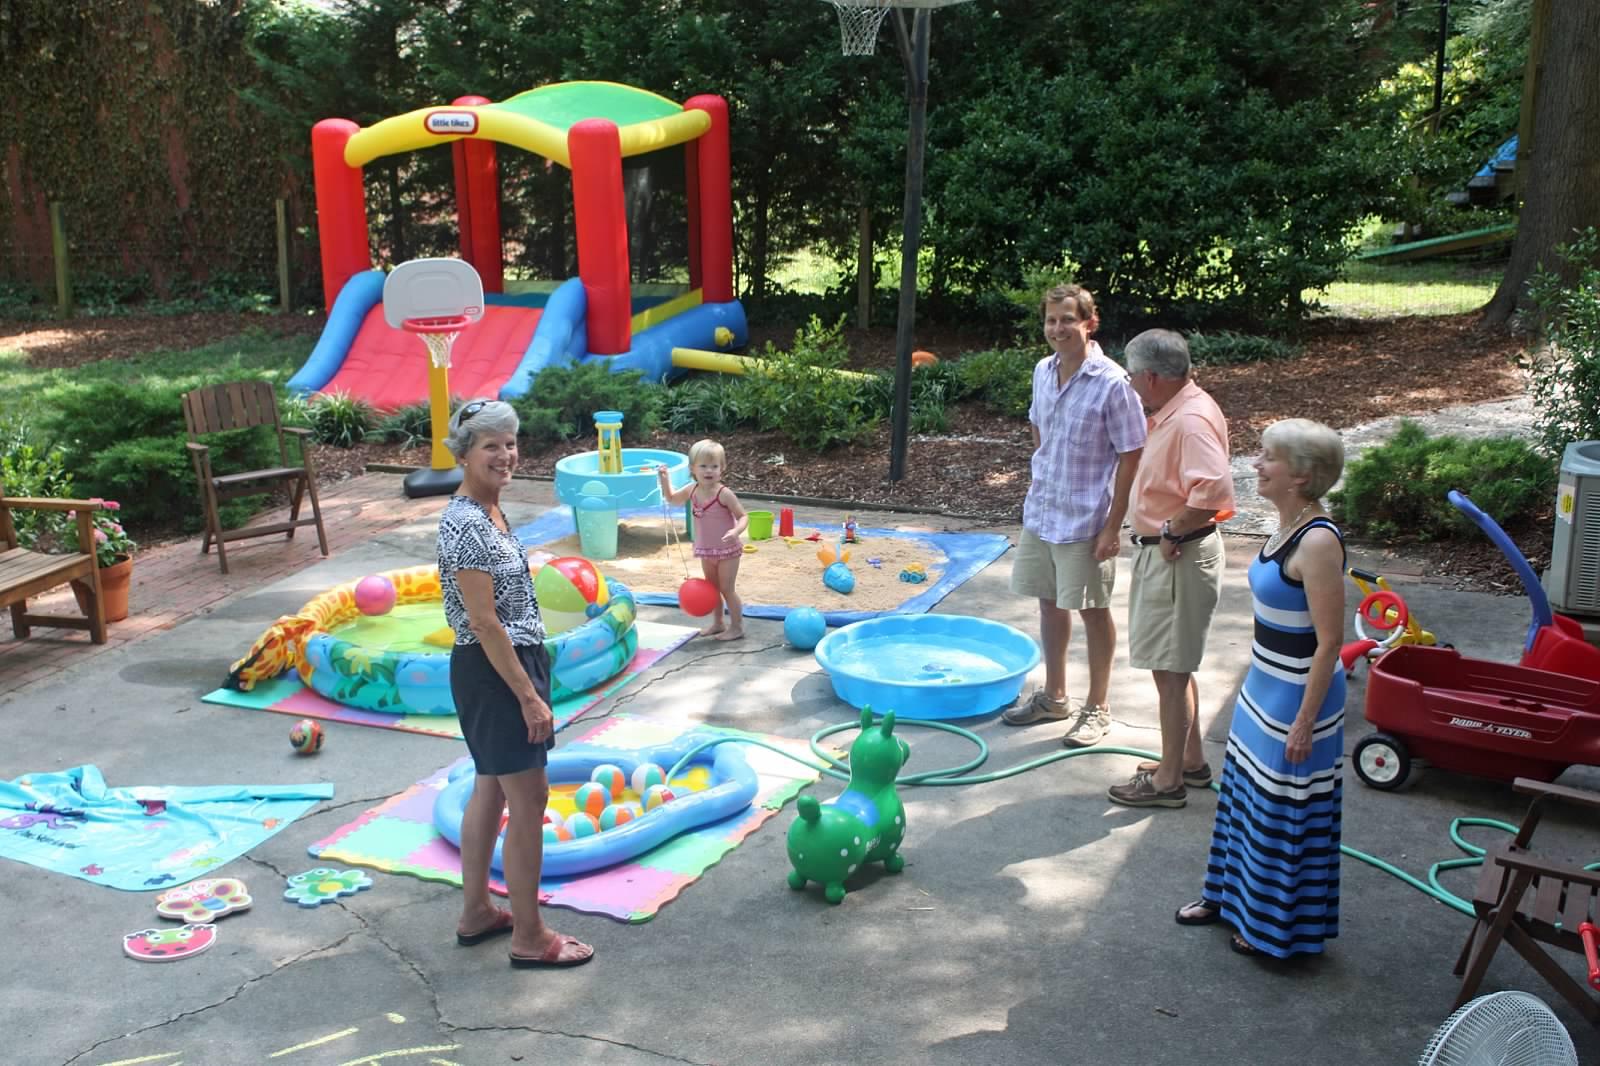 Backyard Beach Party Ideas For Kids | www.imgkid.com - The ...